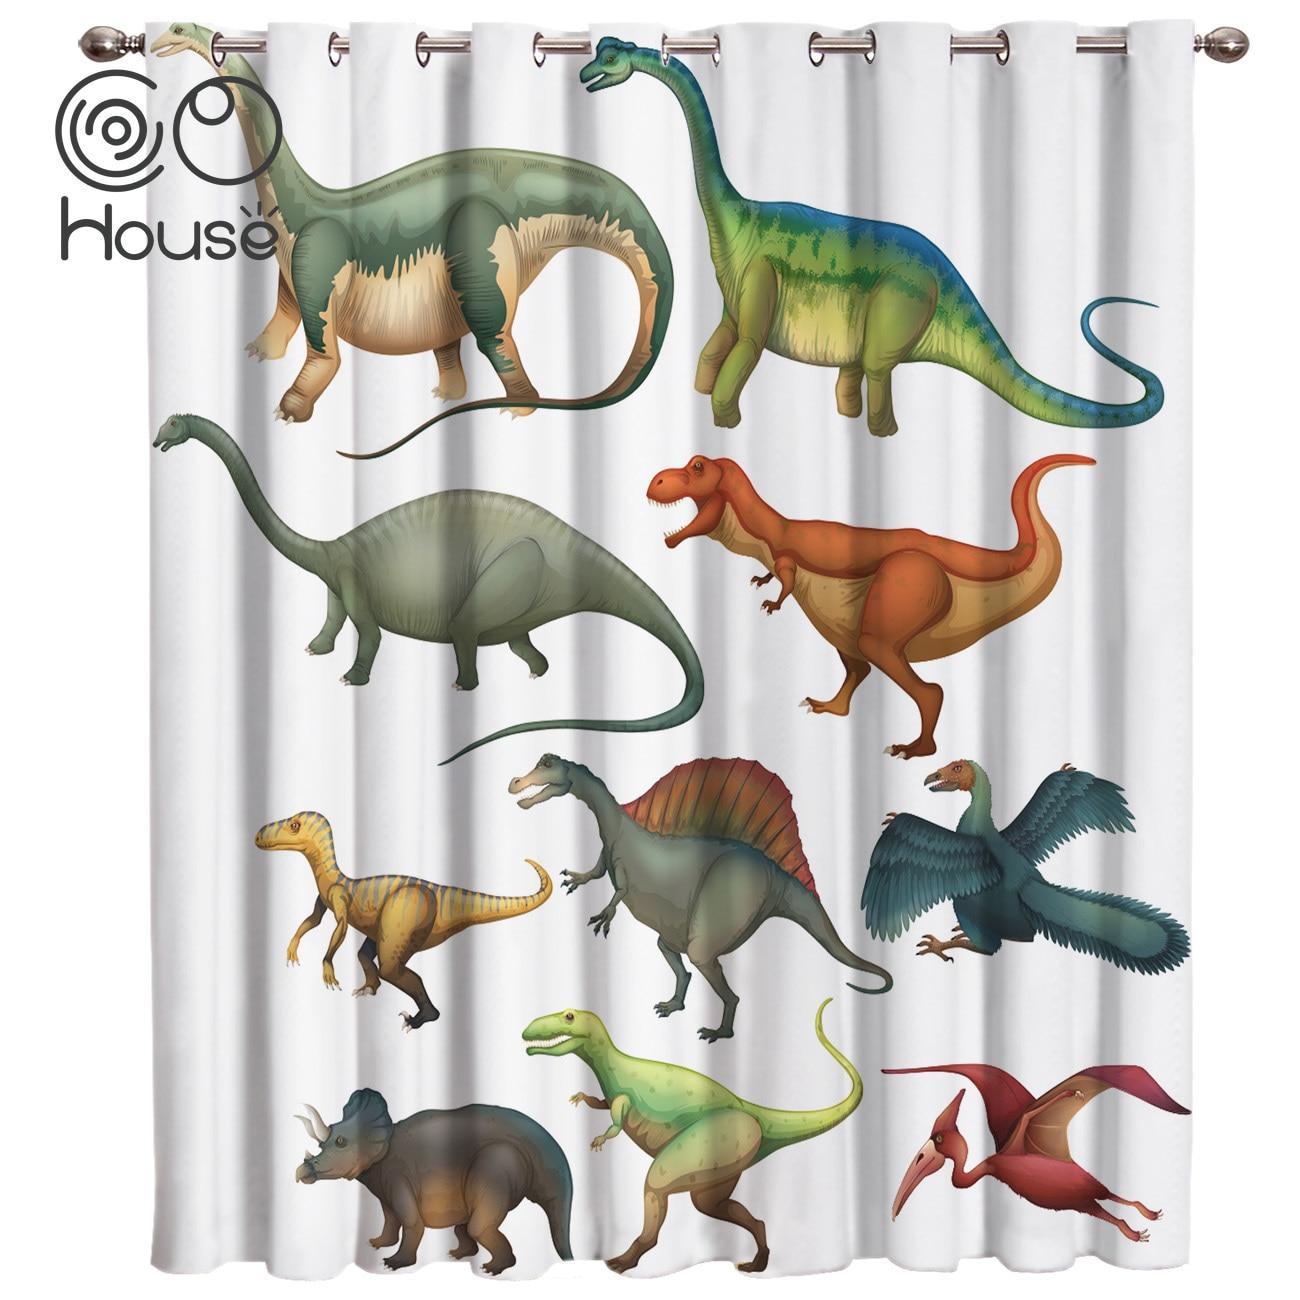 أنواع مختلفة من ستائر غرفة الديناصورات ، وستائر النوافذ الكبيرة ، وديكور الحمام ، ونسيج غرفة النوم ، وستائر الأطفال